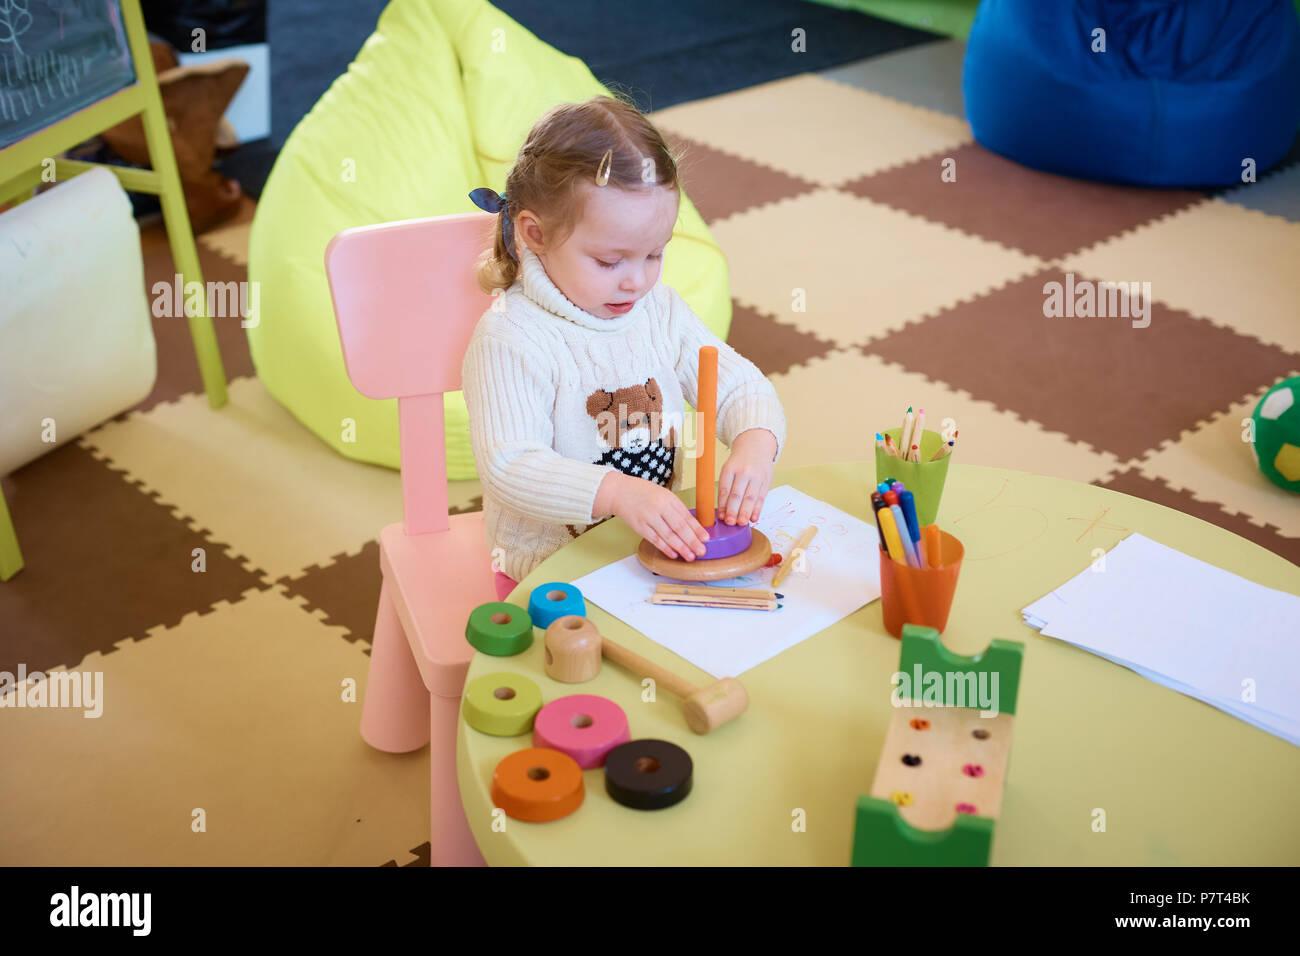 Petite Fille Dessin Avec Des Crayons De Couleurs Assis A La Table